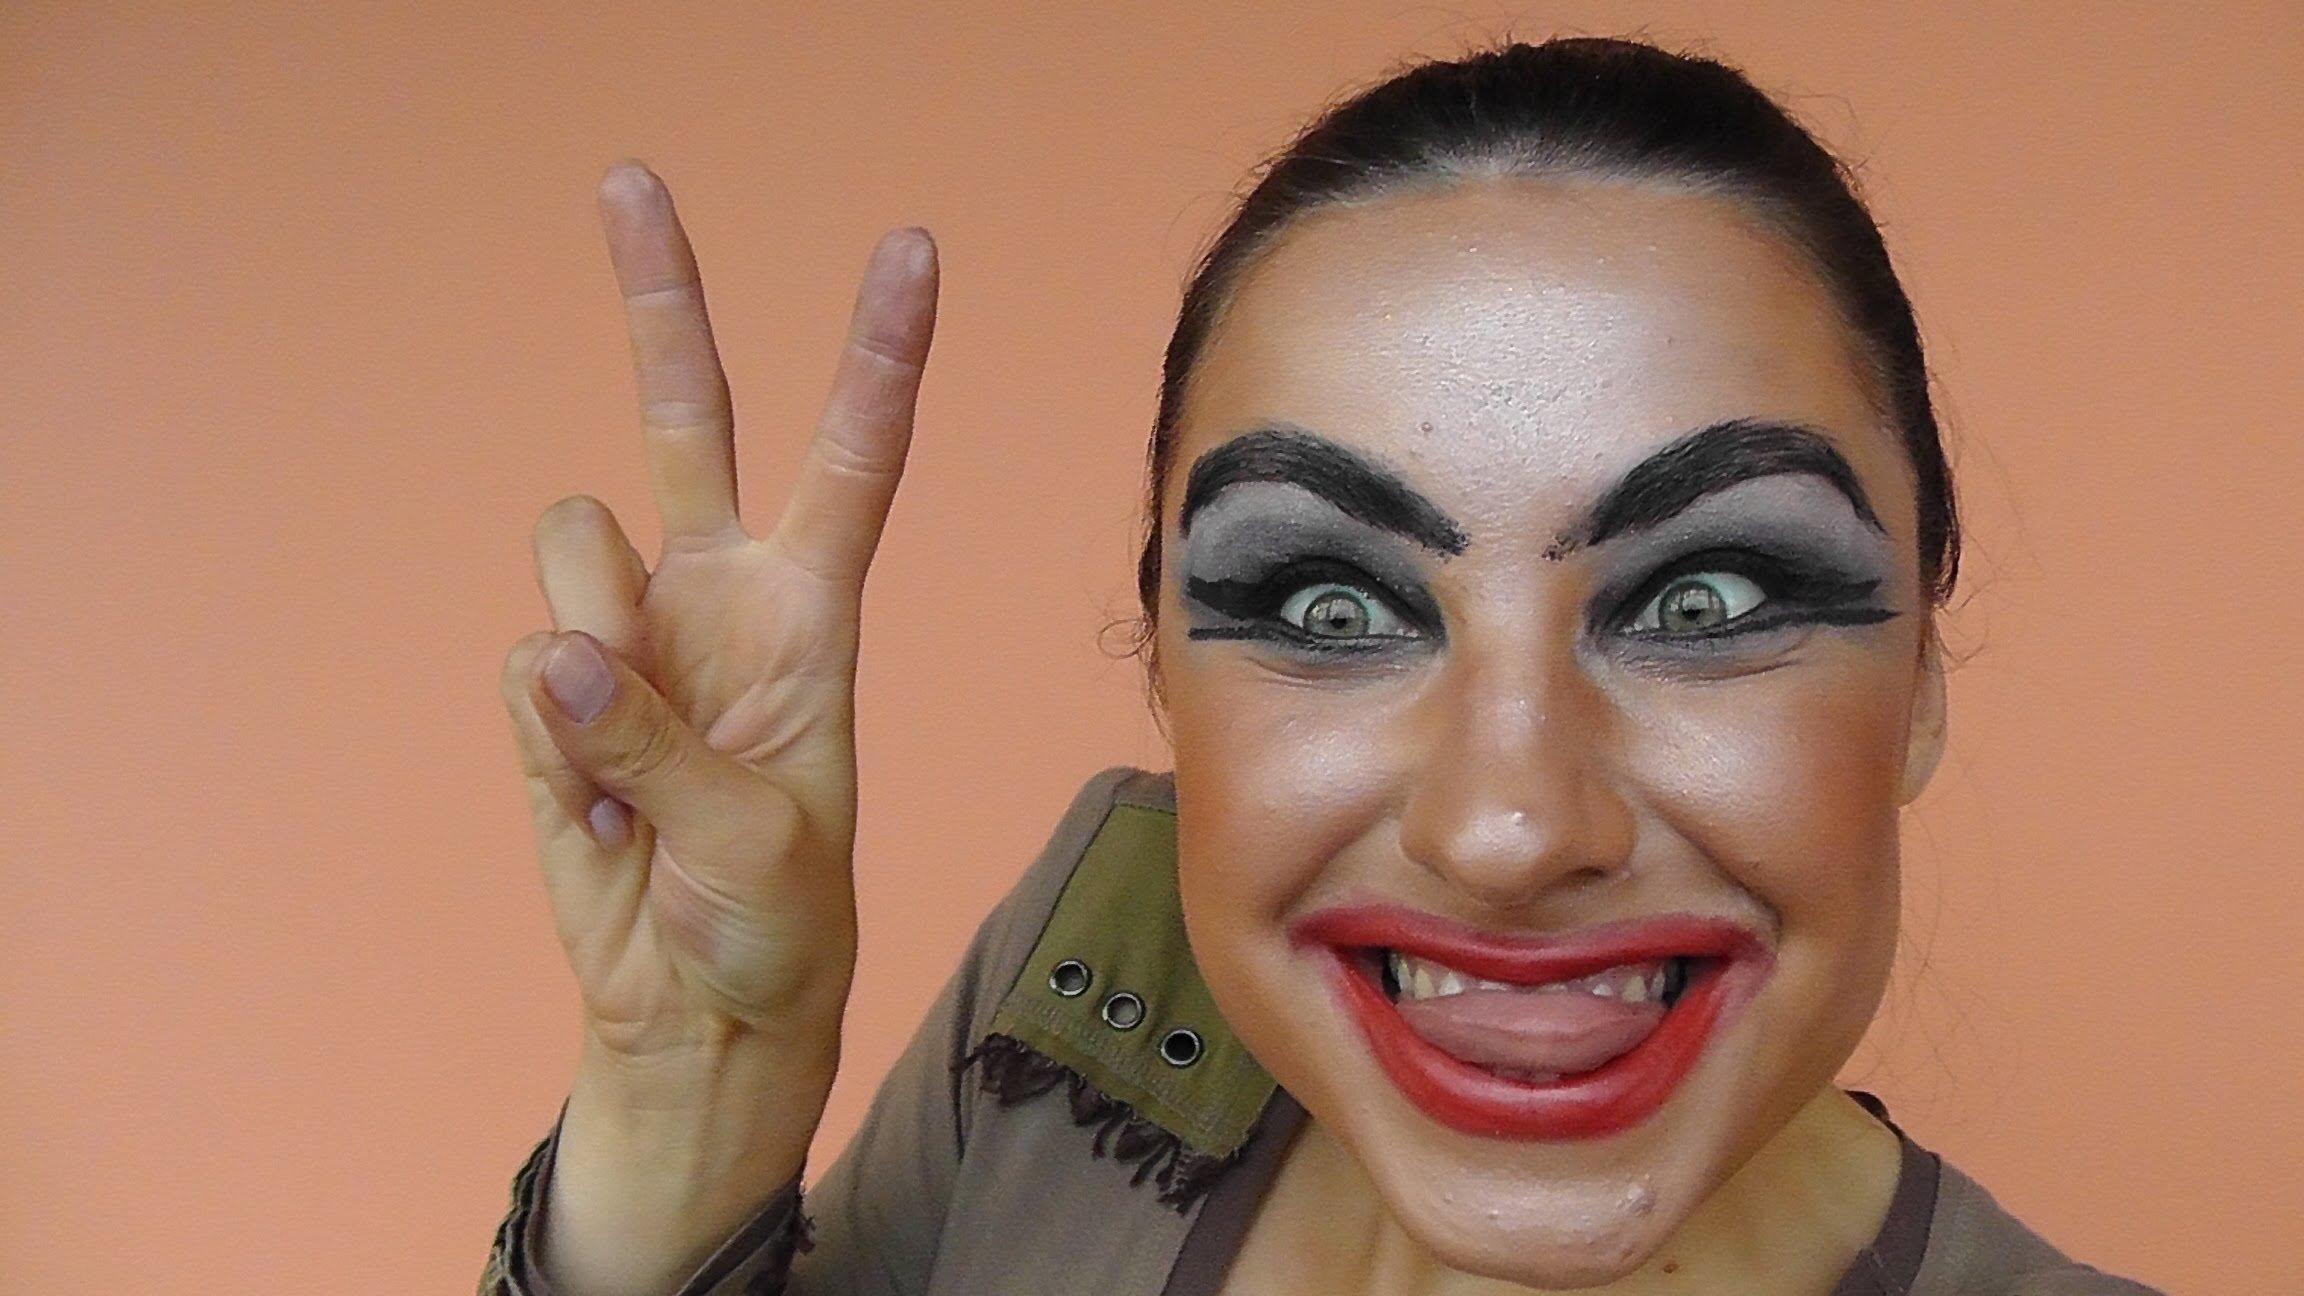 Самые нелепый макияж фото